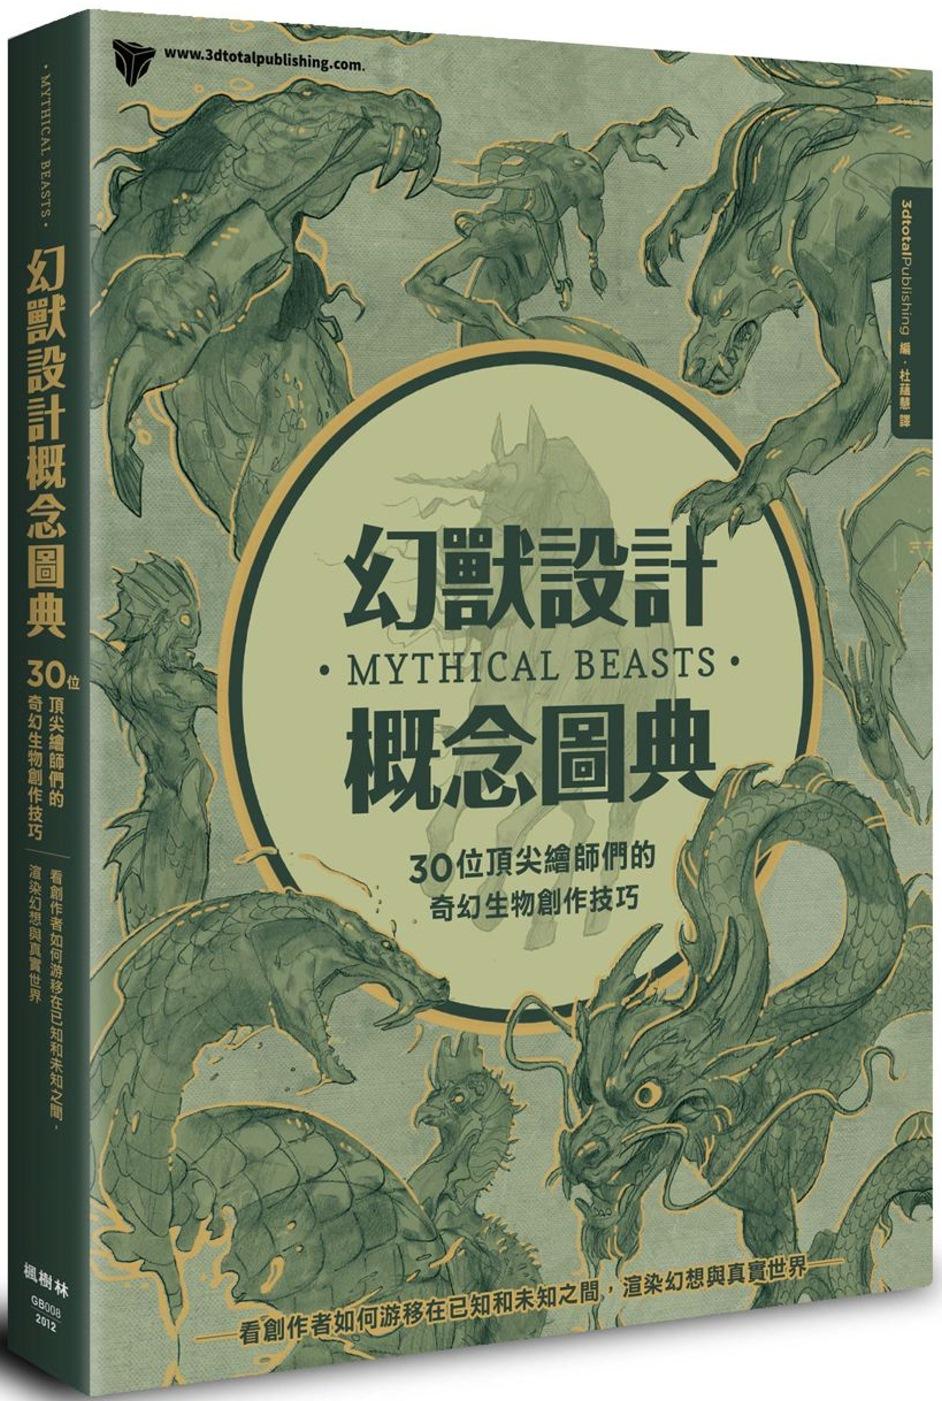 幻獸設計概念圖典:30位頂尖繪師們的奇幻生物創作技巧